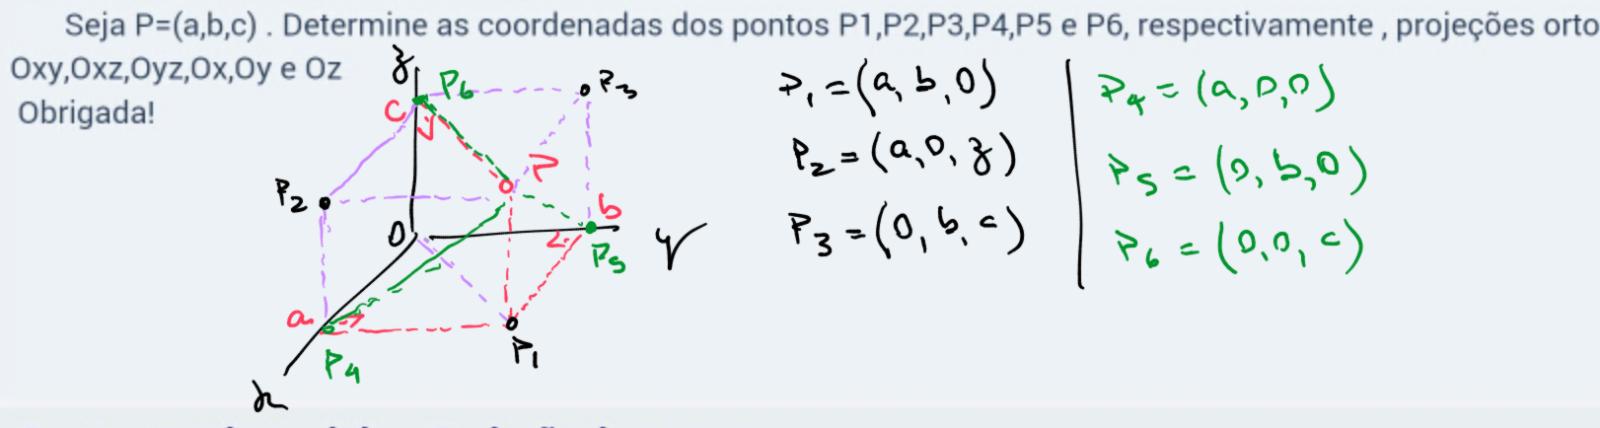 Geometria Analítica- Projeção de pontos 24489lh